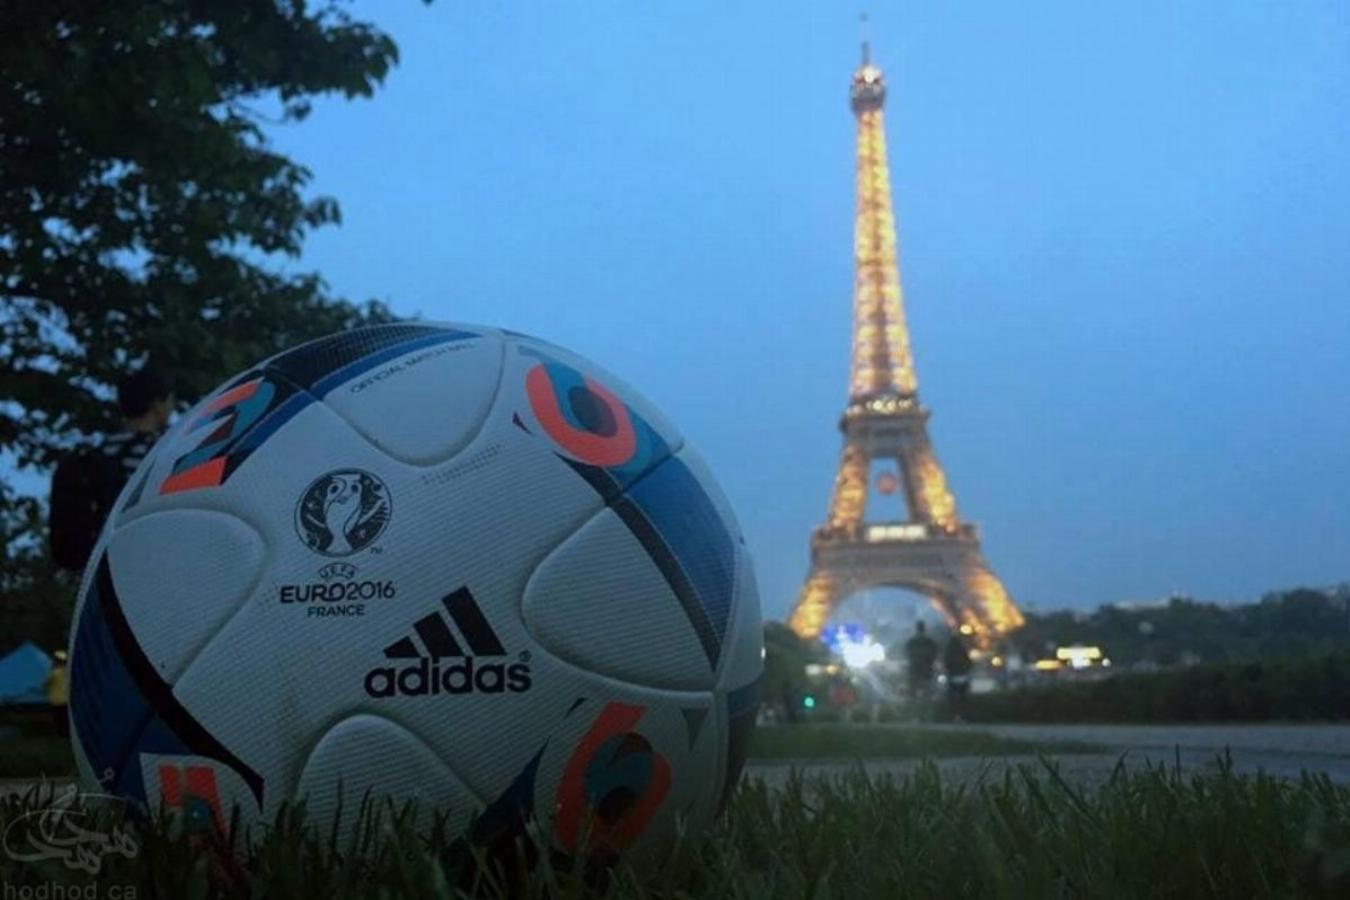 مسابقات یورو 2016 تا دقایقی دیگر در فرانسه آغاز میشود